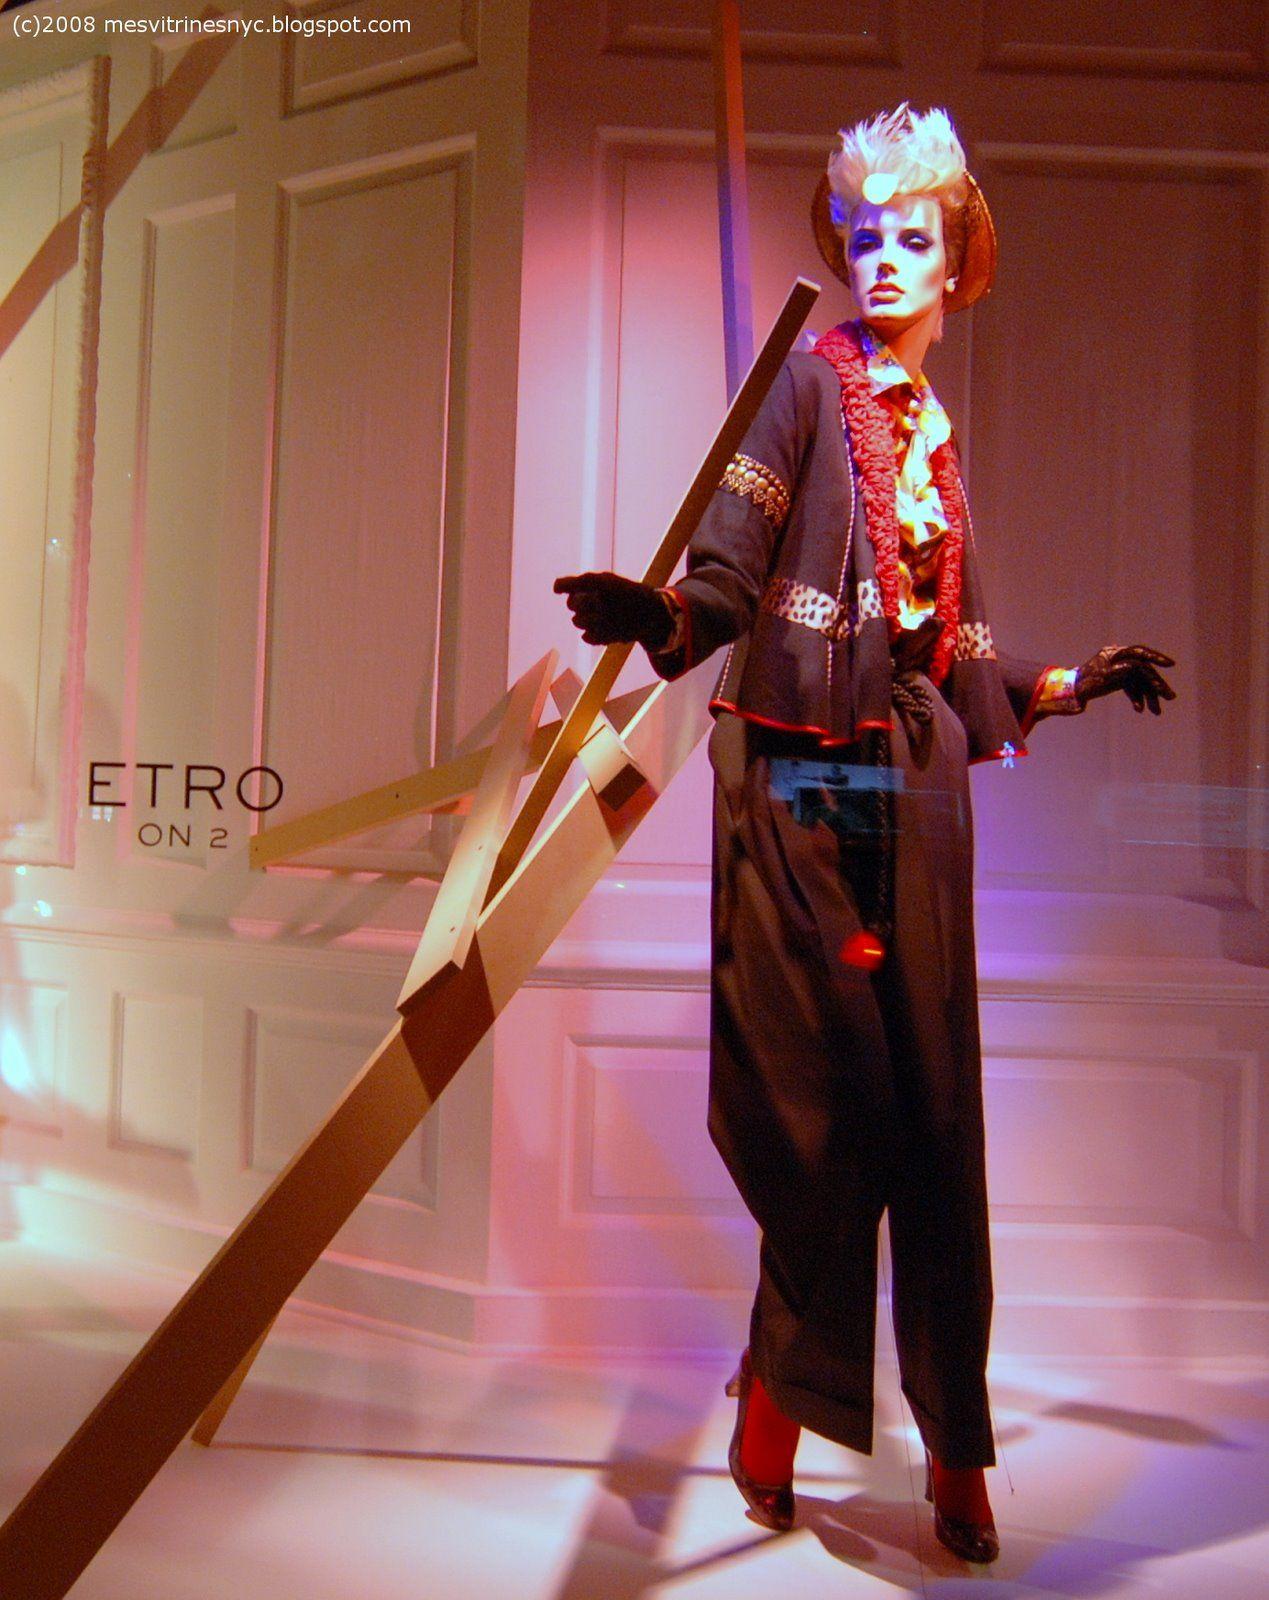 #Saks #Etro #Nyc #windows #mannequins